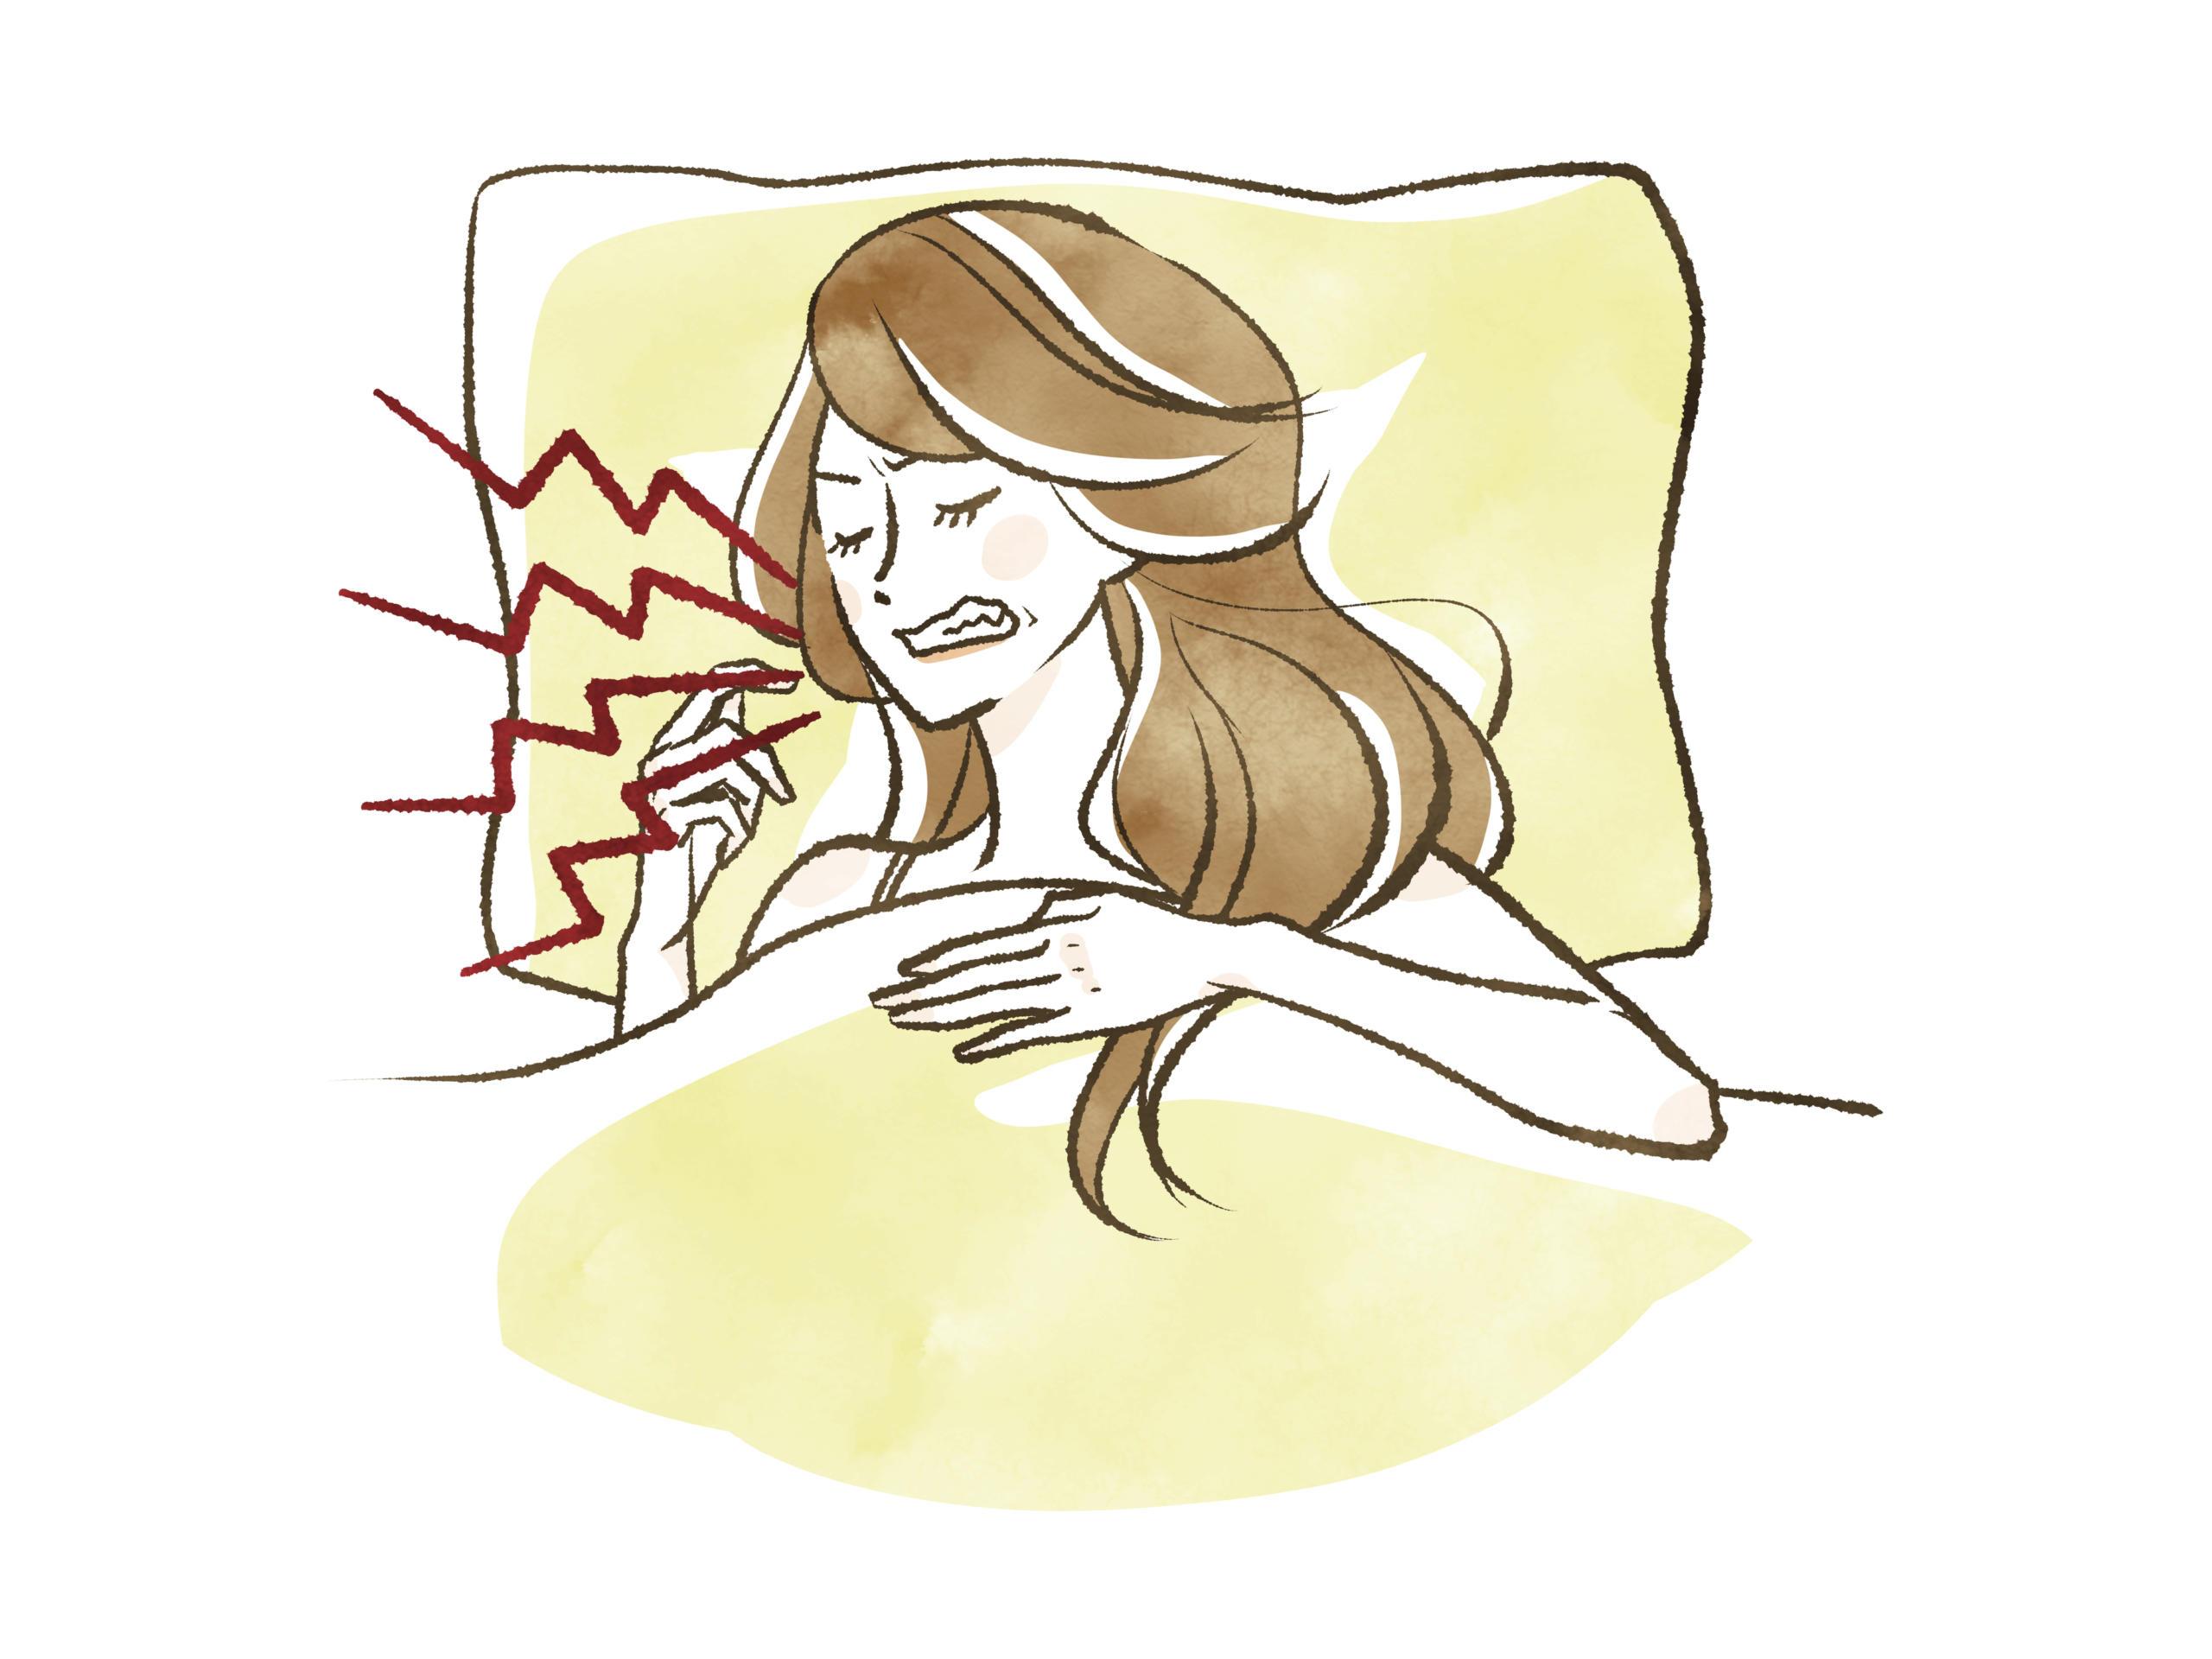 歯茎から血が出るのはなぜ?歯周病、歯ぎしりなど想定される8つの原因